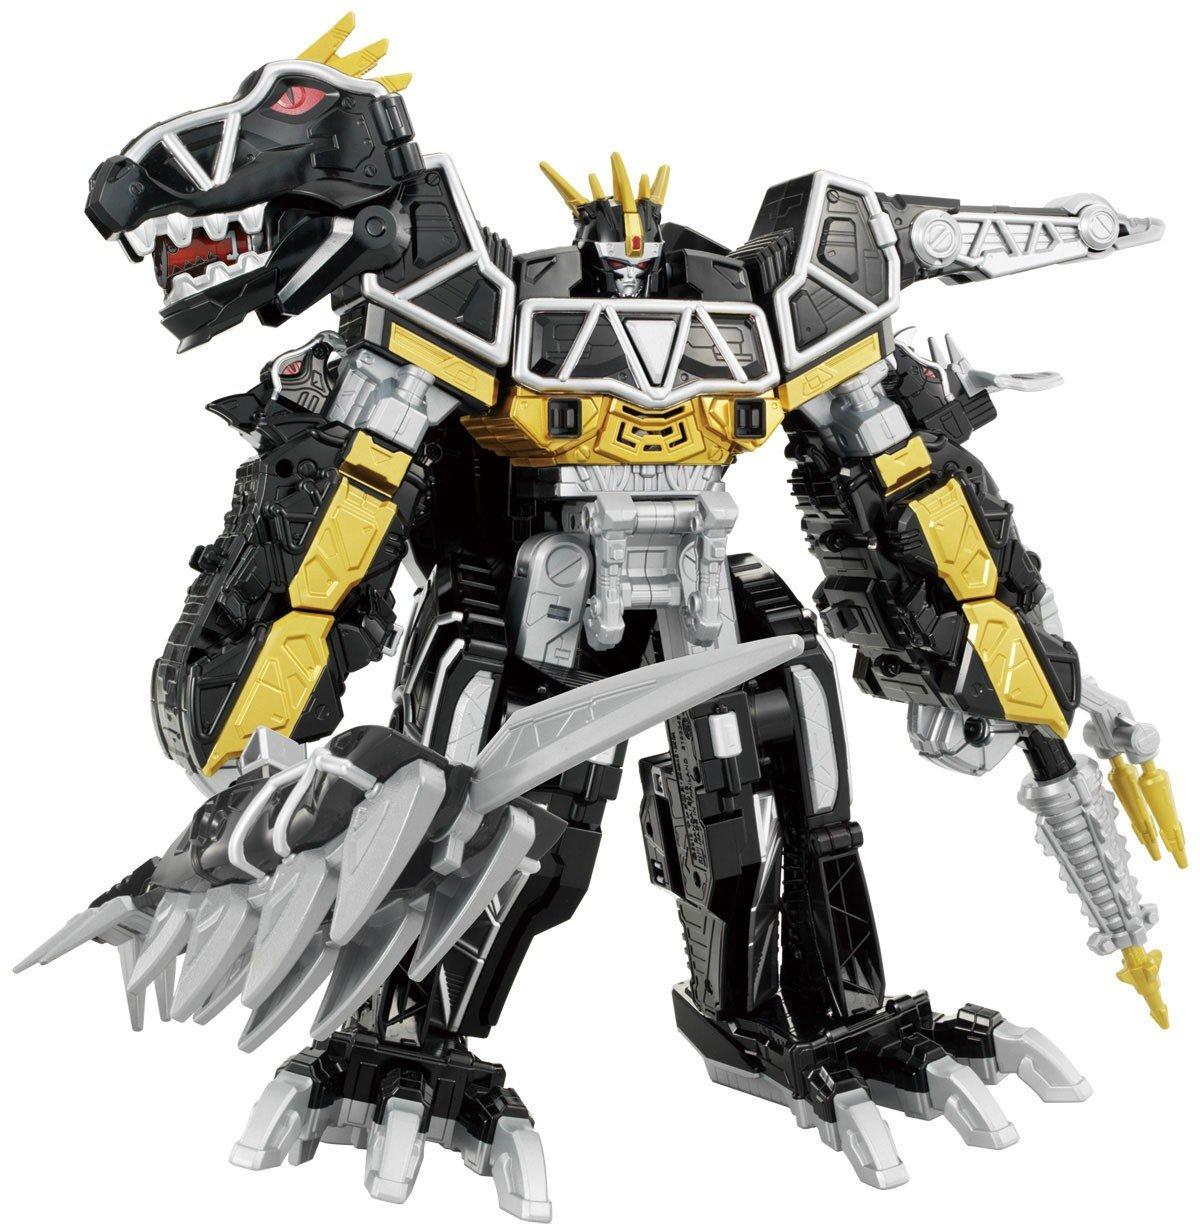 Beast potenza squadrone Kyo Liu vaso dio fortuna combinato delle emissioni DX Kyo Ryuji versione scura (japan import)